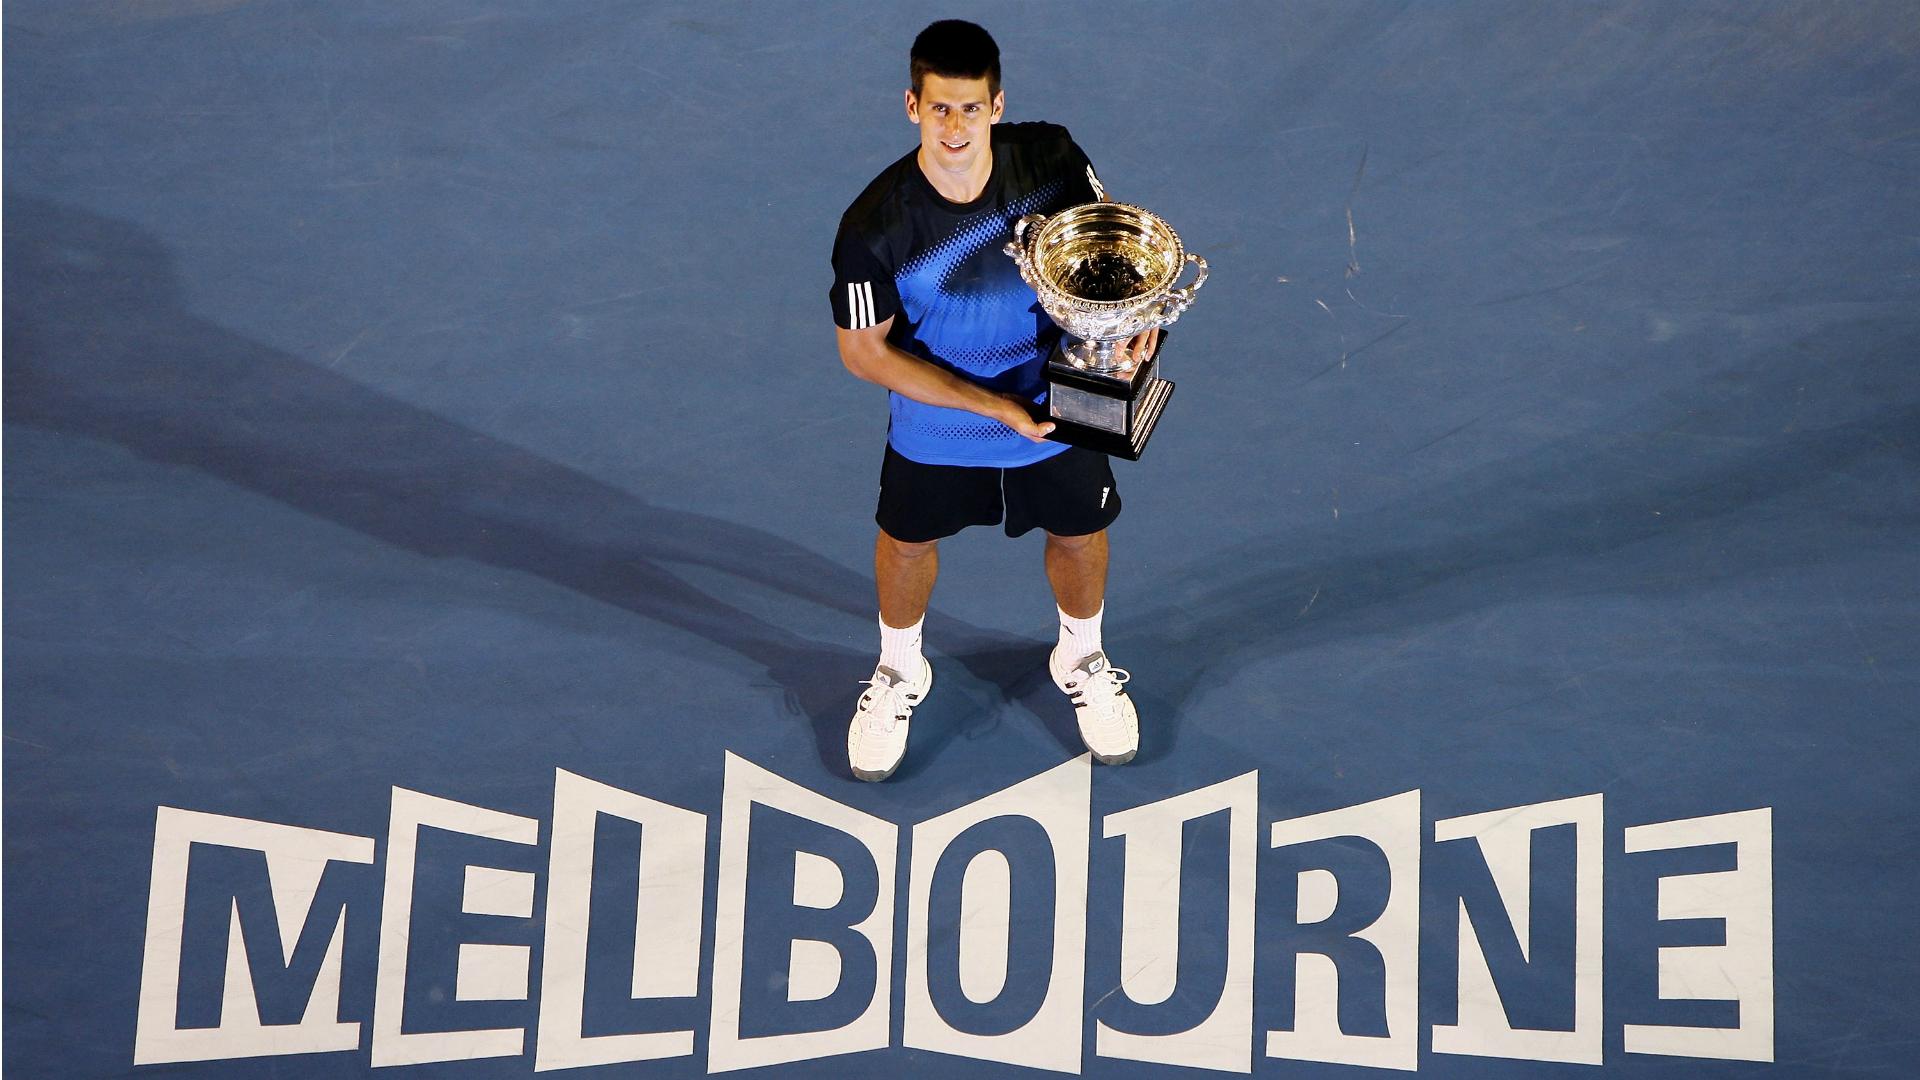 Australian Open 2020 Can Roger Federer Rafael Nadal Novak Djokovic Be Overtaken Sporting News